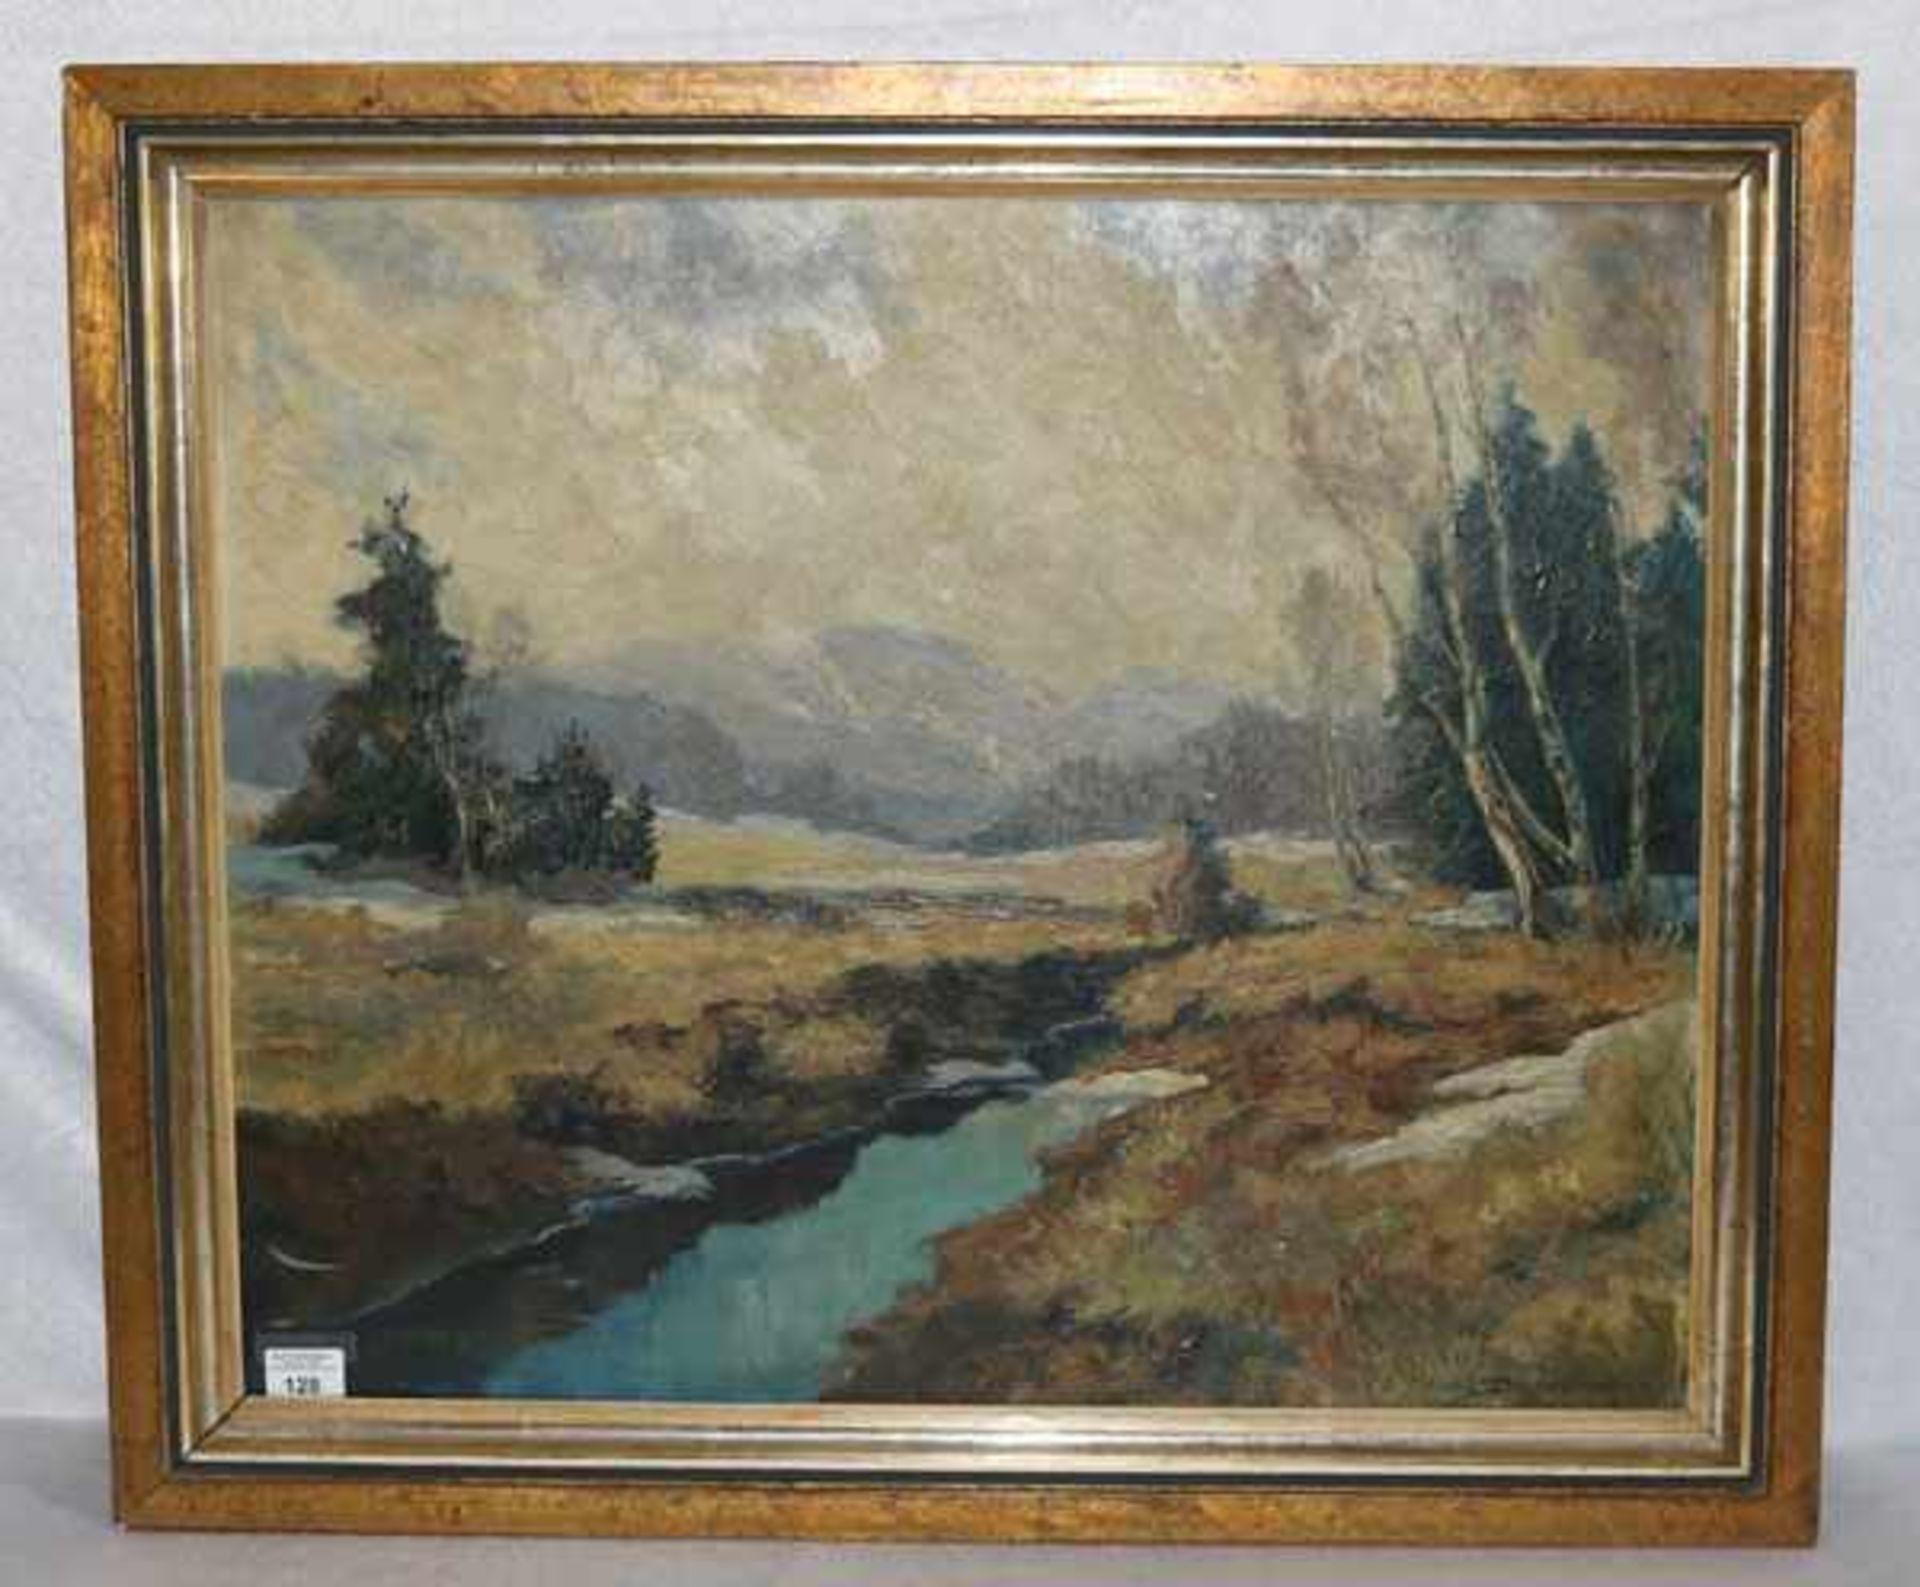 Los 128 - Gemälde ÖL/Hartfaser 'Benediktenwand im März', signiert Diefenbach ?, gerahmt, Rahmen bestossen,